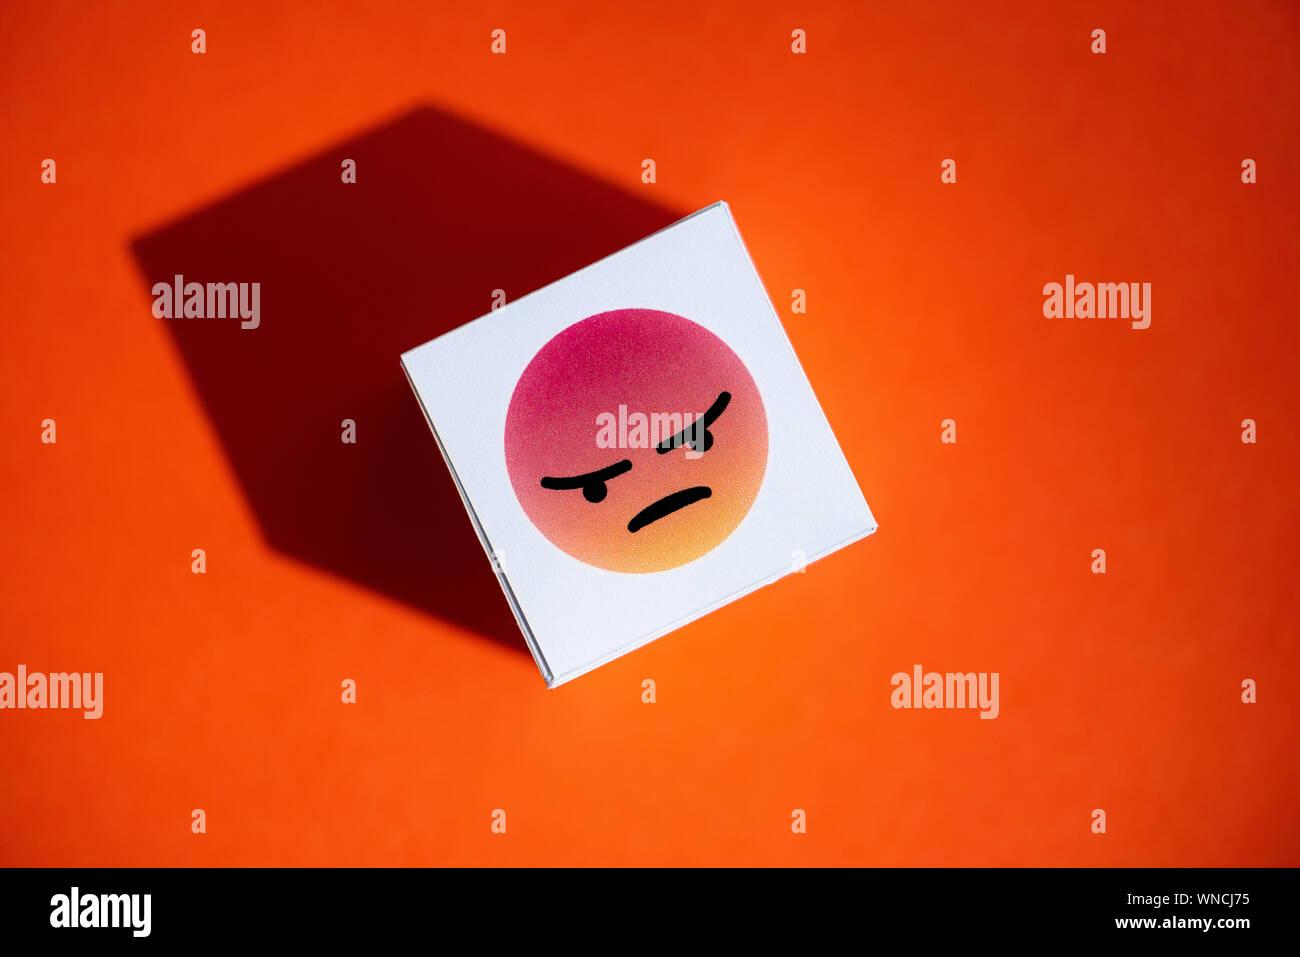 La colère d'un symbole à partir d'Emoji Facebook Messenger imprimé sur papier, qu'un cube placé sur un fond orange. Banque D'Images